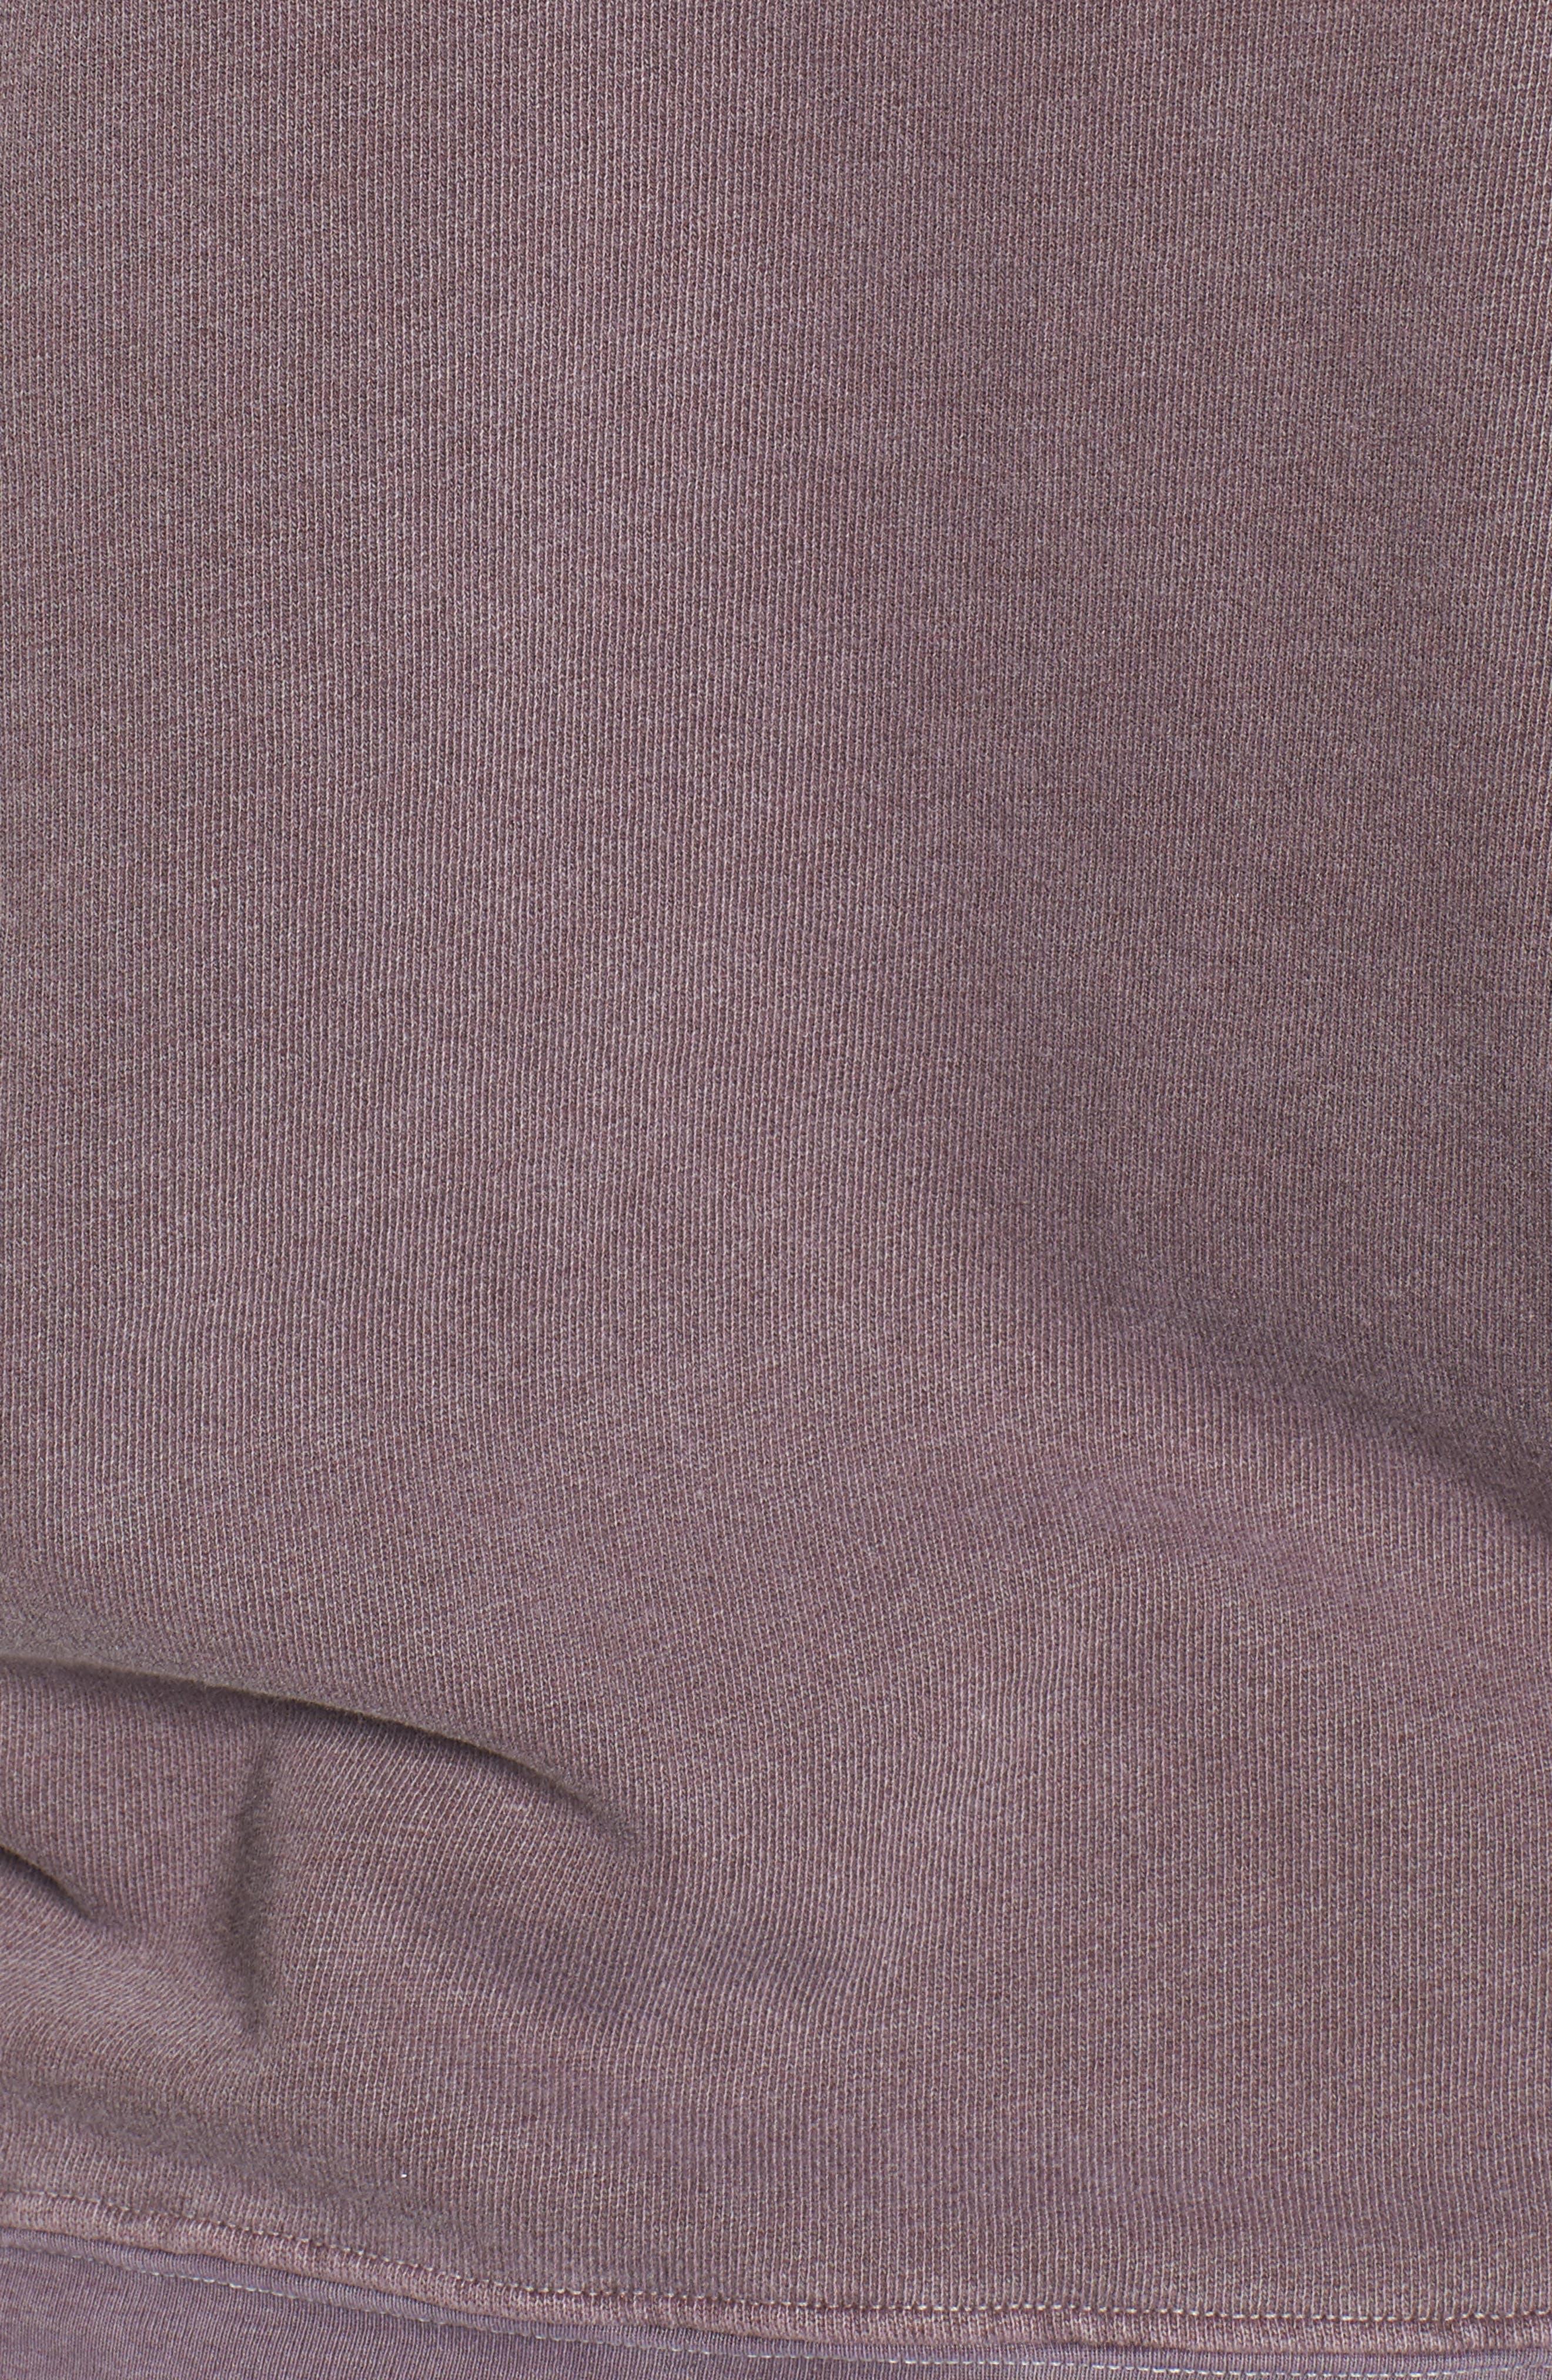 Lace Trim Sweatshirt,                             Alternate thumbnail 15, color,